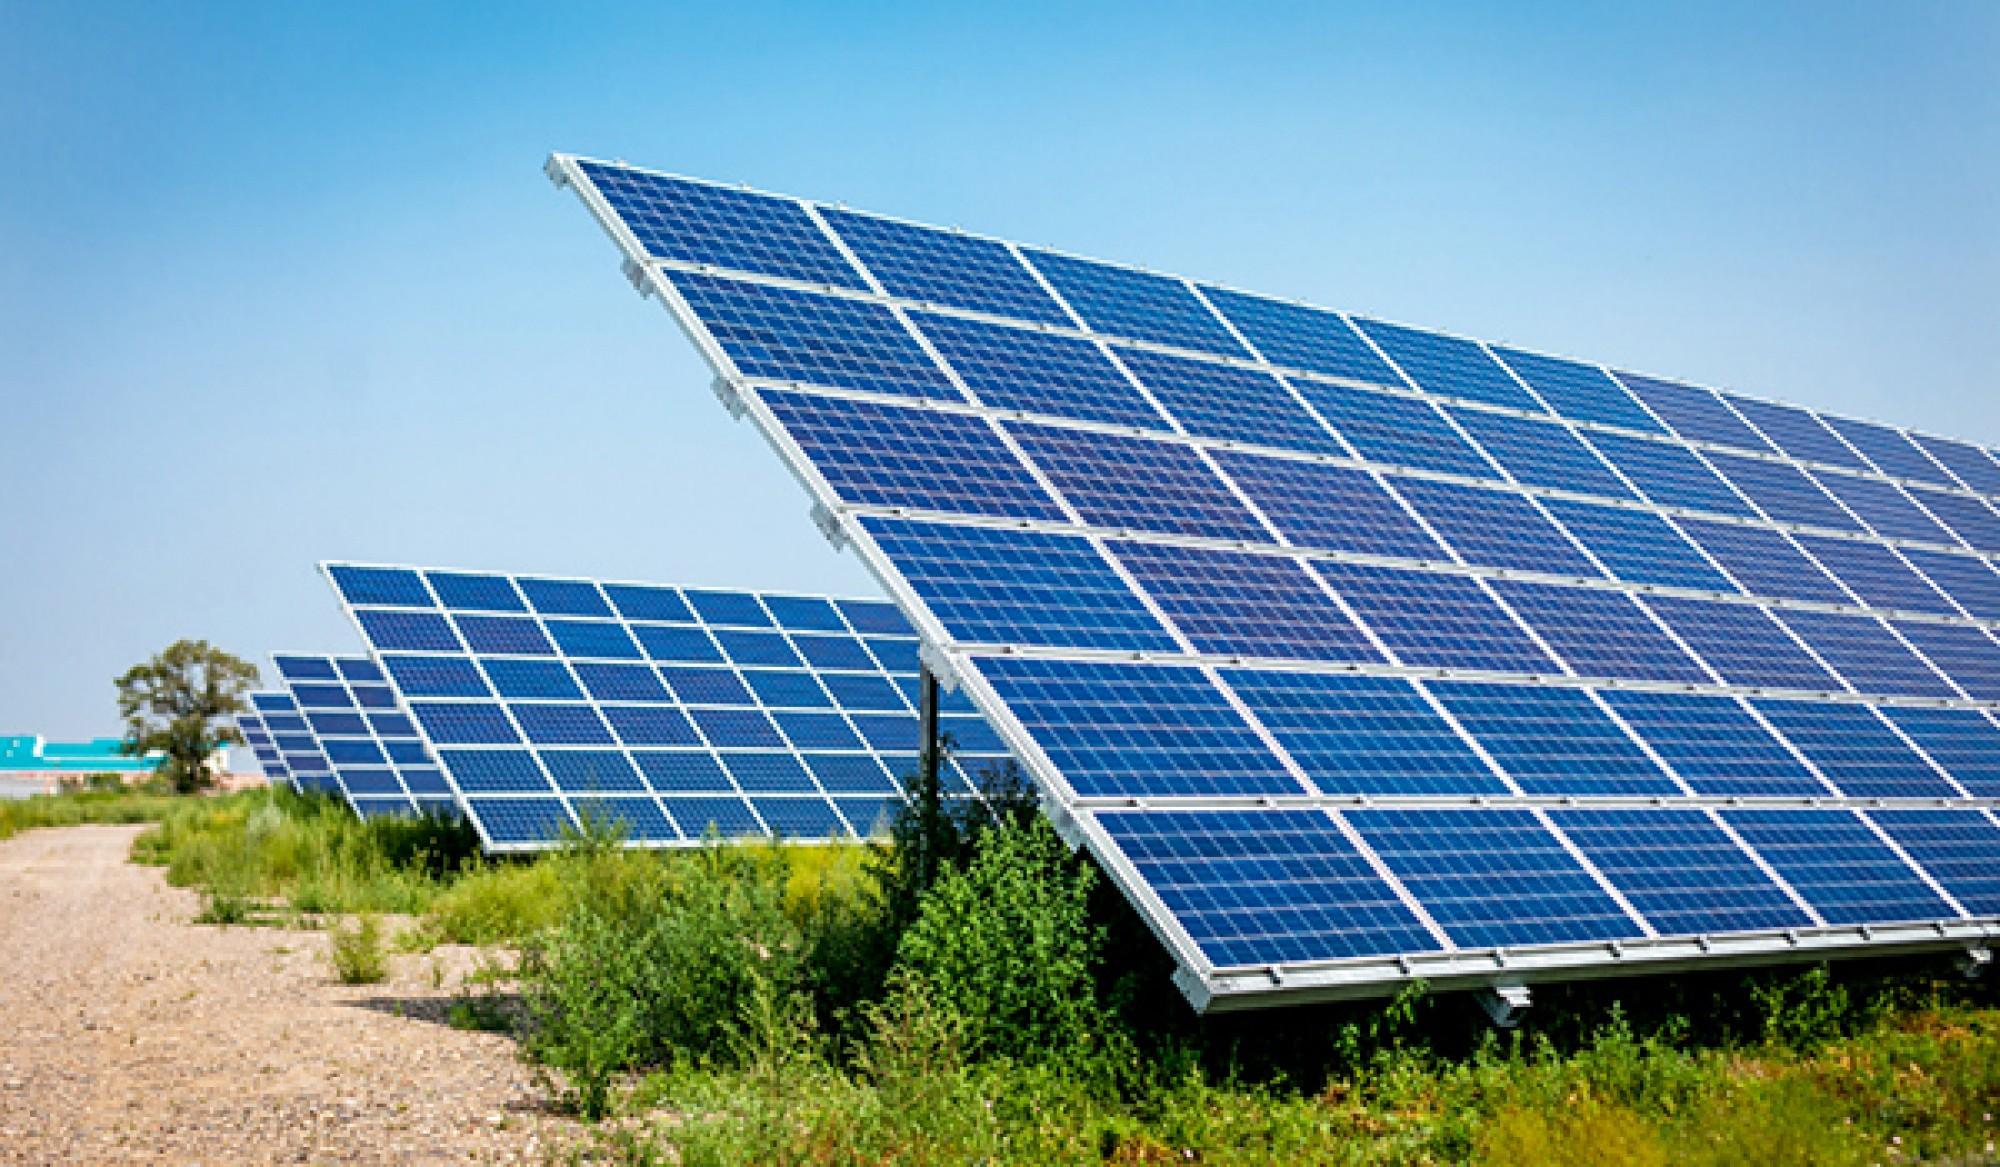 На строительство солнечной электростанции в Кызылординской области АБР выделяет $11,5 млн